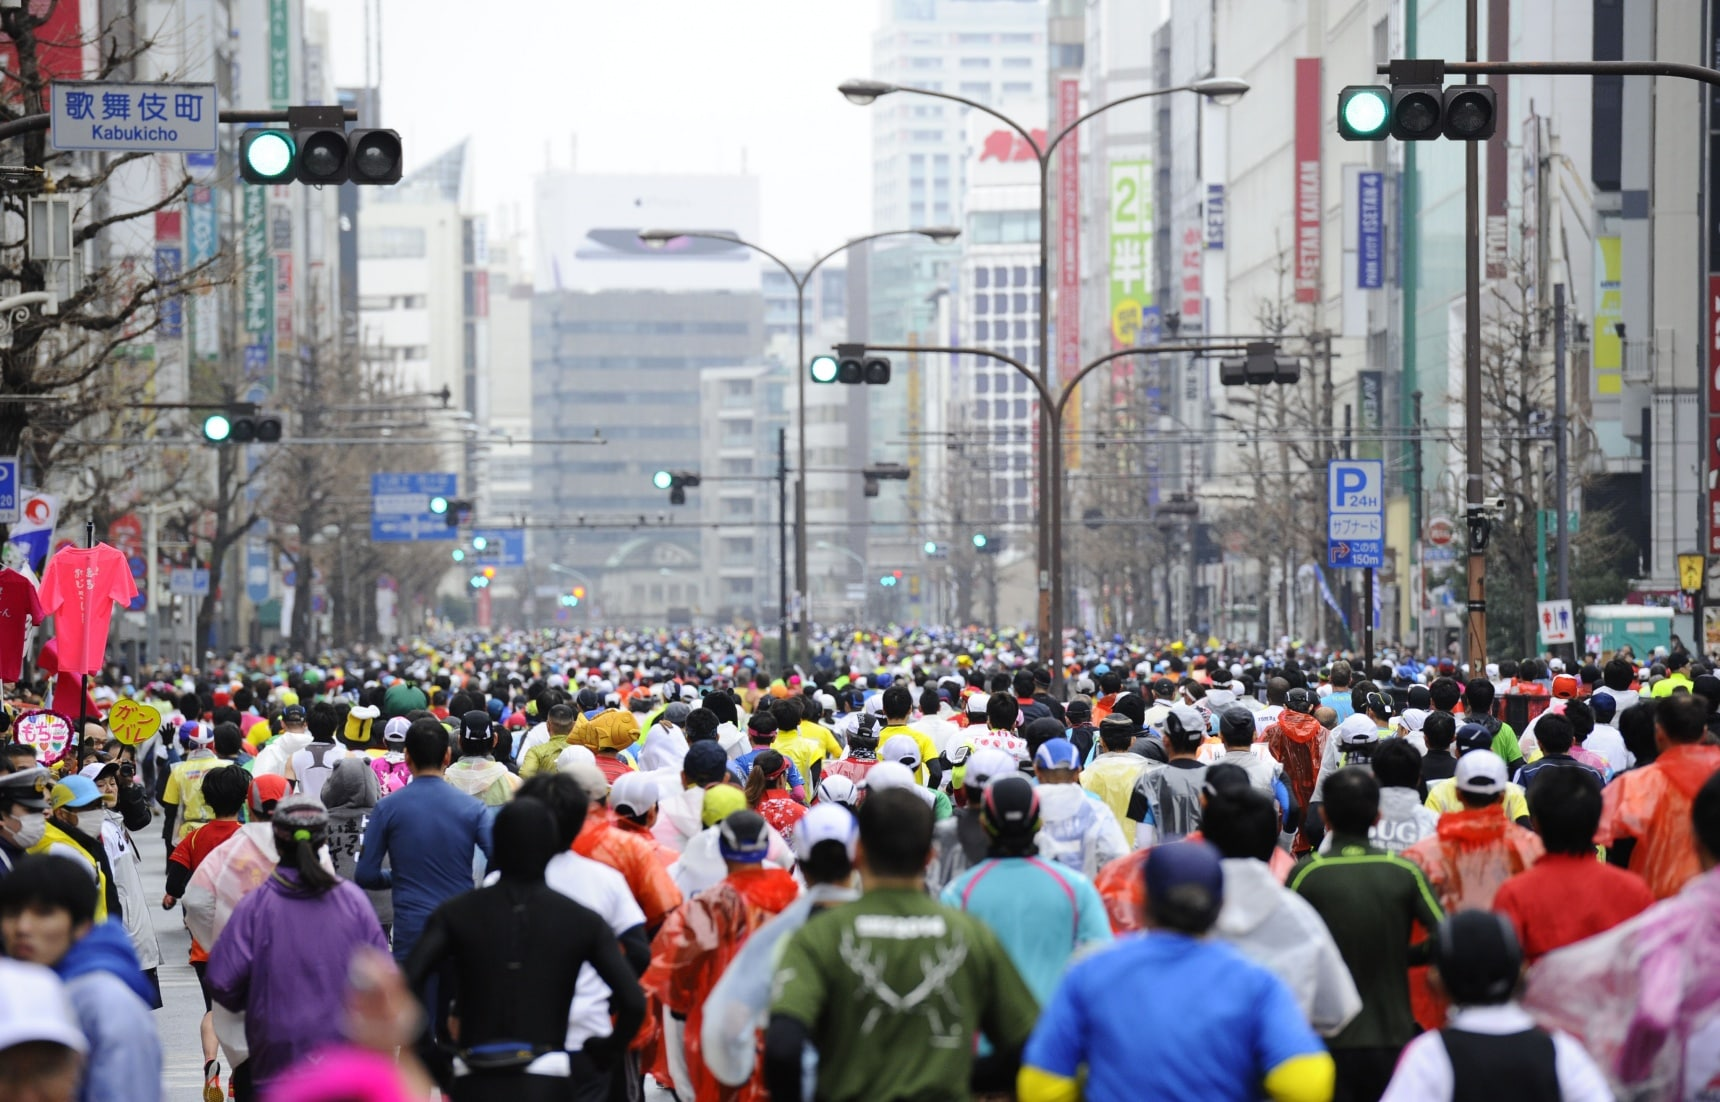 Tokyo Marathon: The Day We Unite